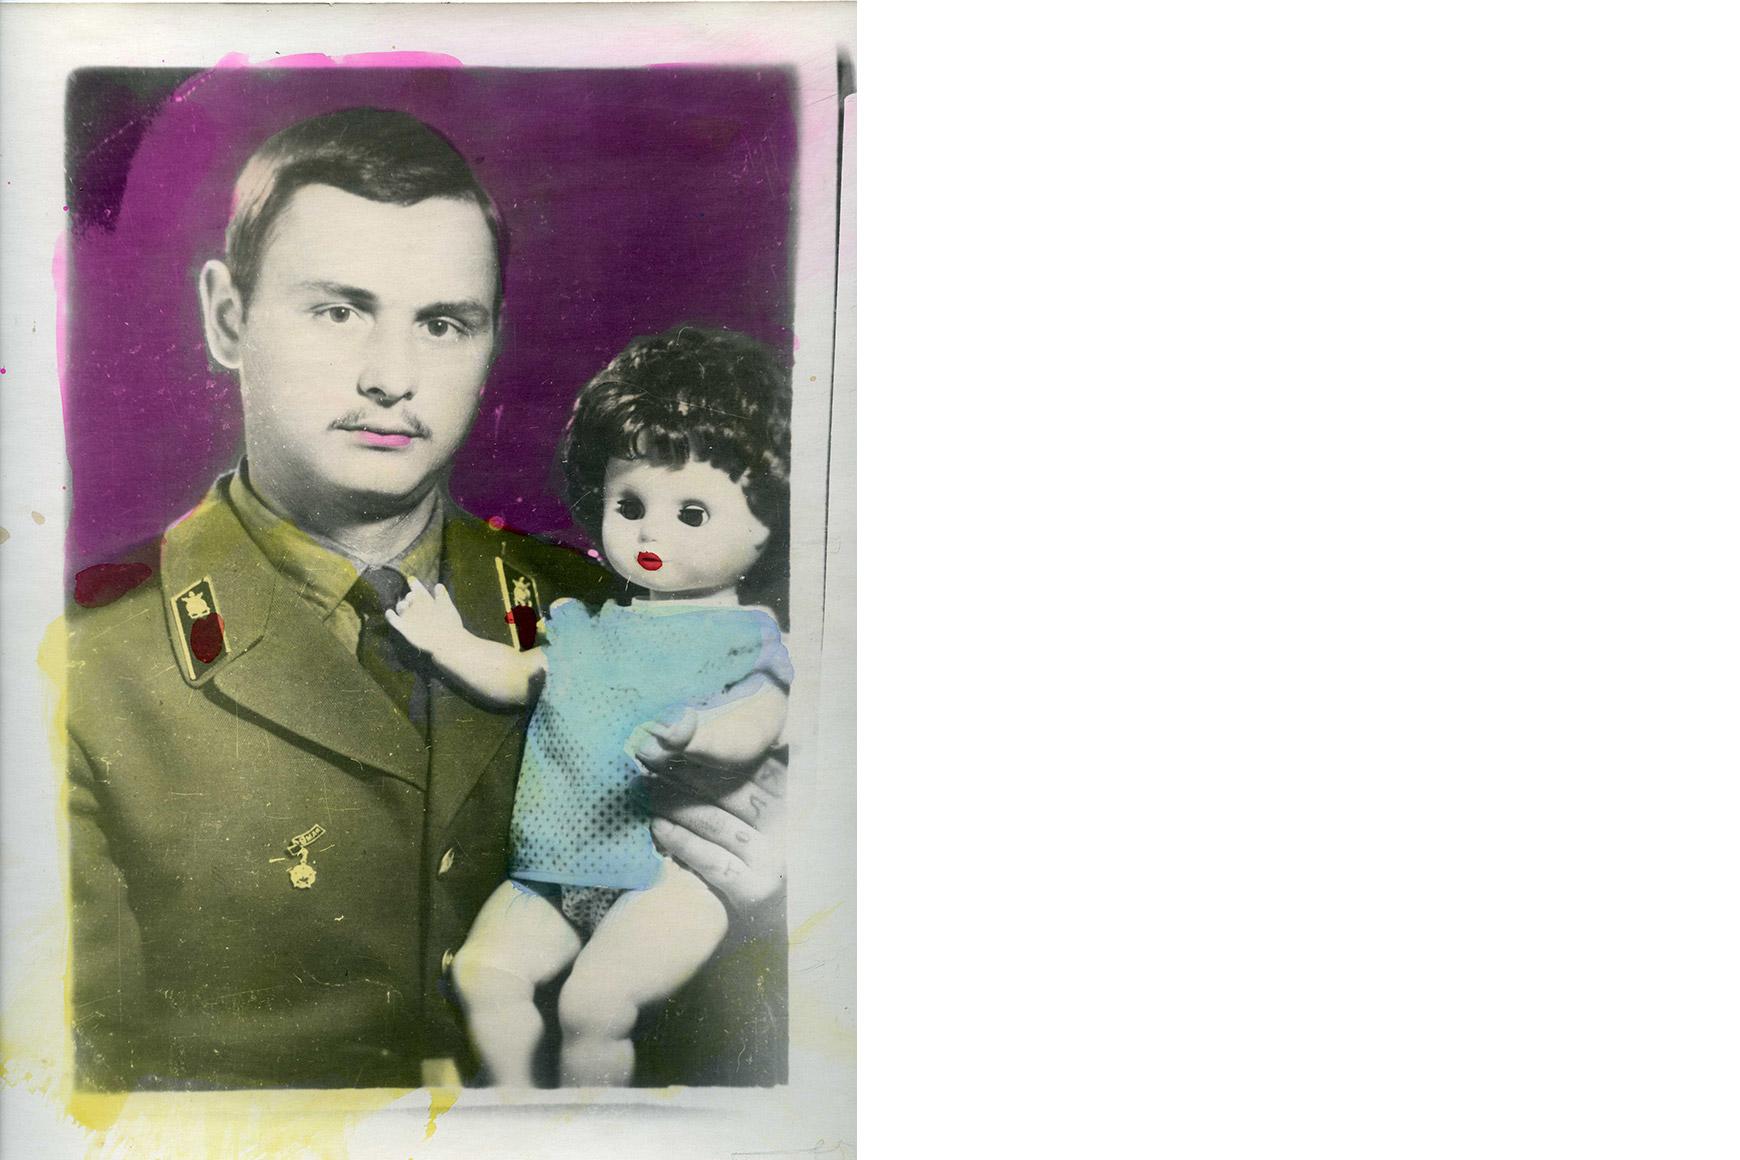 Boris Mikhailov: humor, zelfspot en liefde als overlevingsstrategie